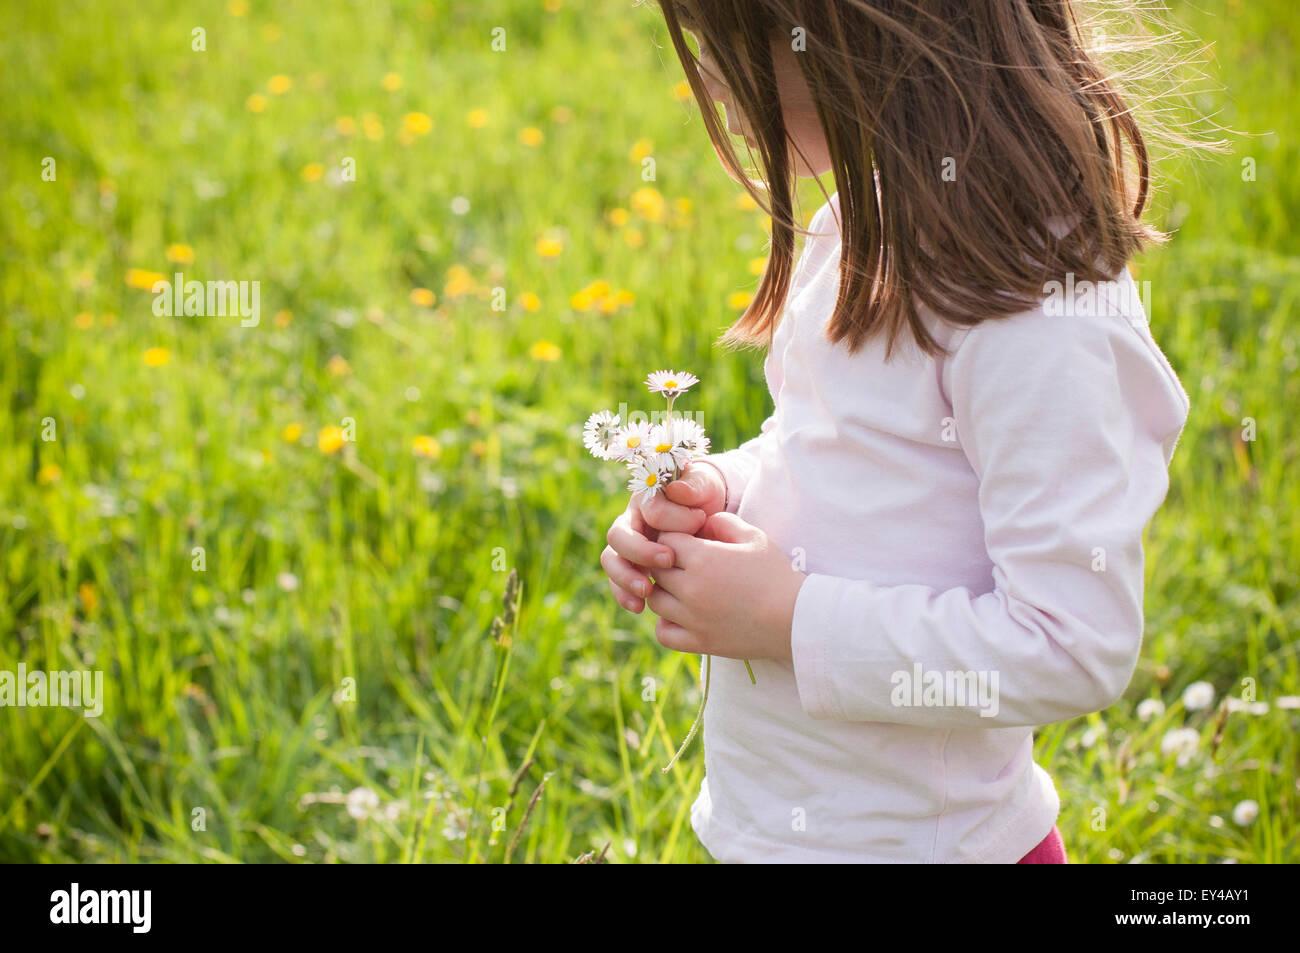 Joven en el campo mirando las margaritas en sus manos Foto de stock